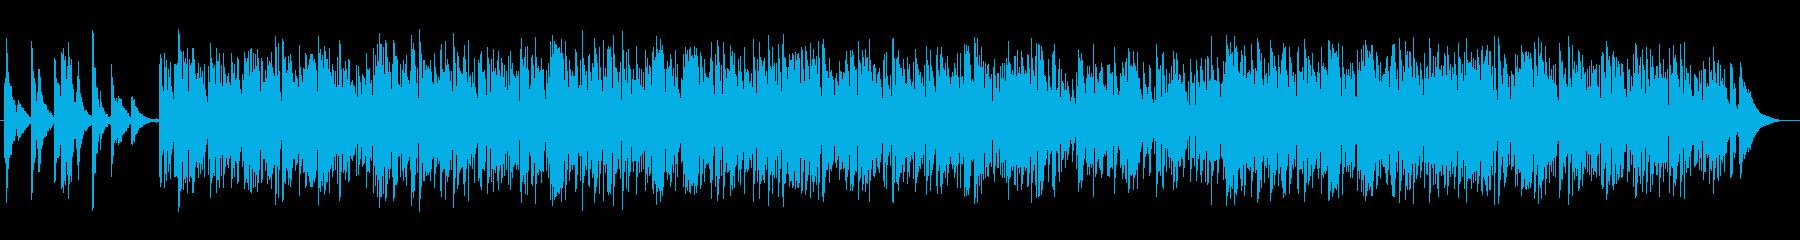 ゆったり散歩をするようなギターサウンドの再生済みの波形